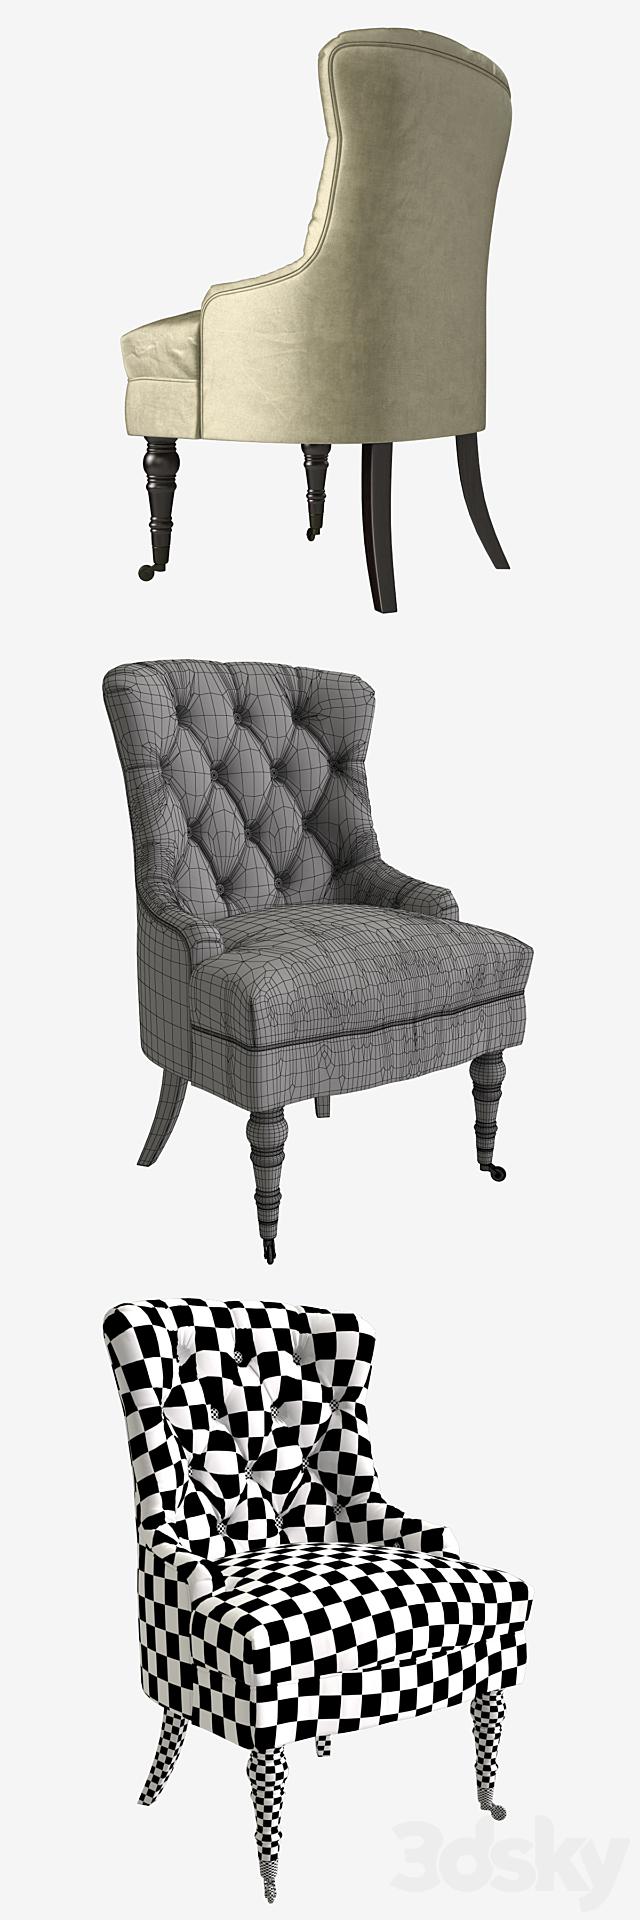 Armchair Garda Decor armchair_h98xw63xl60_art PJC098-PJ842